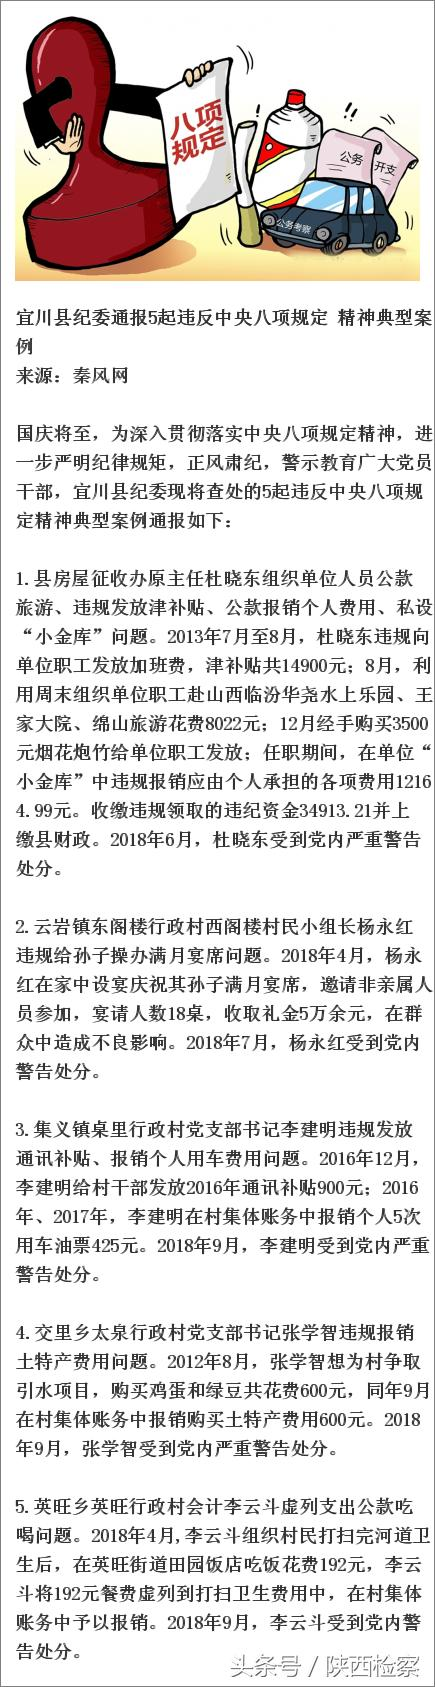 宜川县人民政府